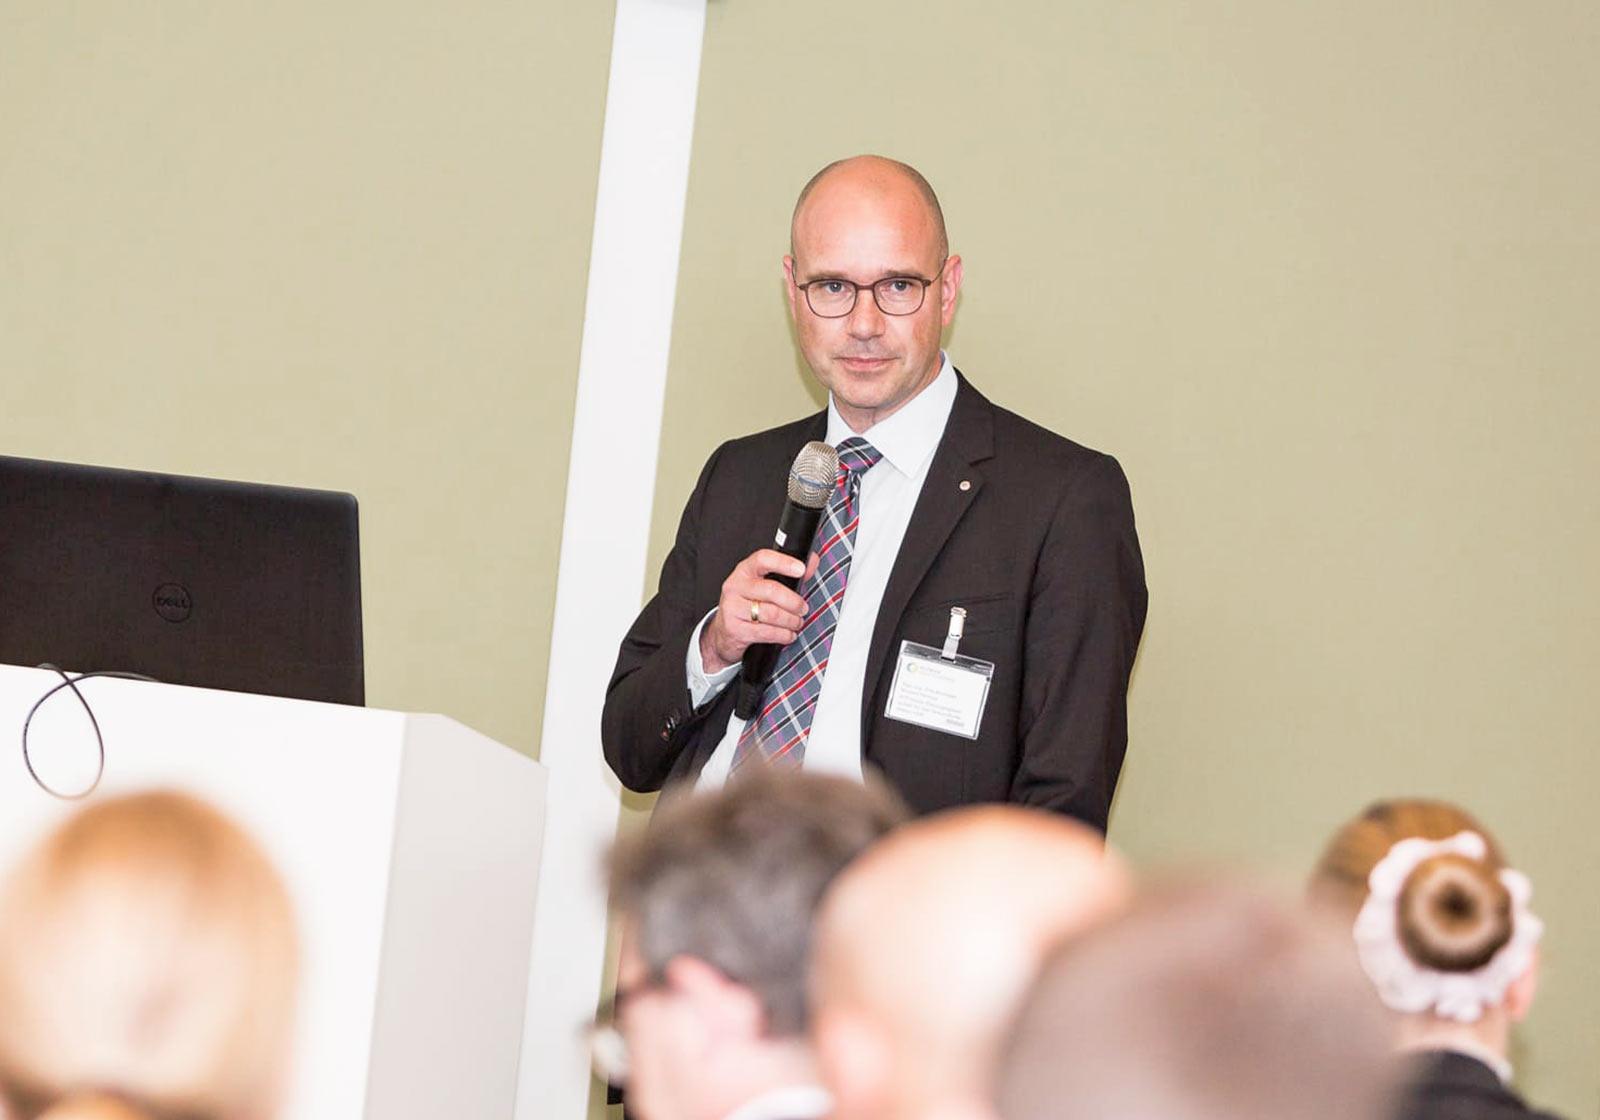 """Norbert Helmus, Geschäftsführer von ATP health, moderiere zum Thema """"Risikovermeidung beim Klinikbau"""". Foto: querformat/ Klinikimmobilie"""